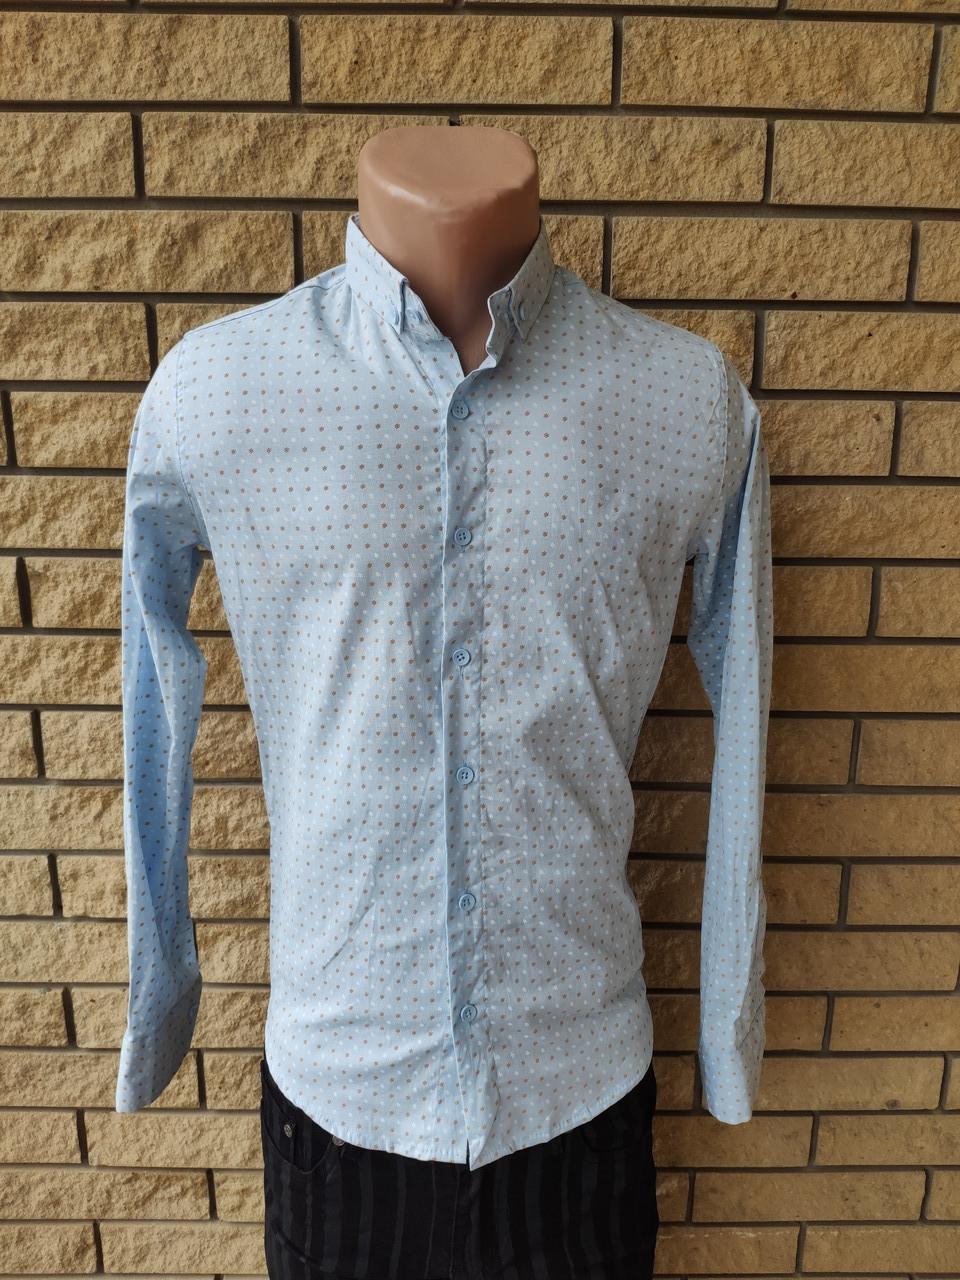 Рубашка мужская коттоновая брендовая высокого качества, маленький размер FACE&FACE, Турция